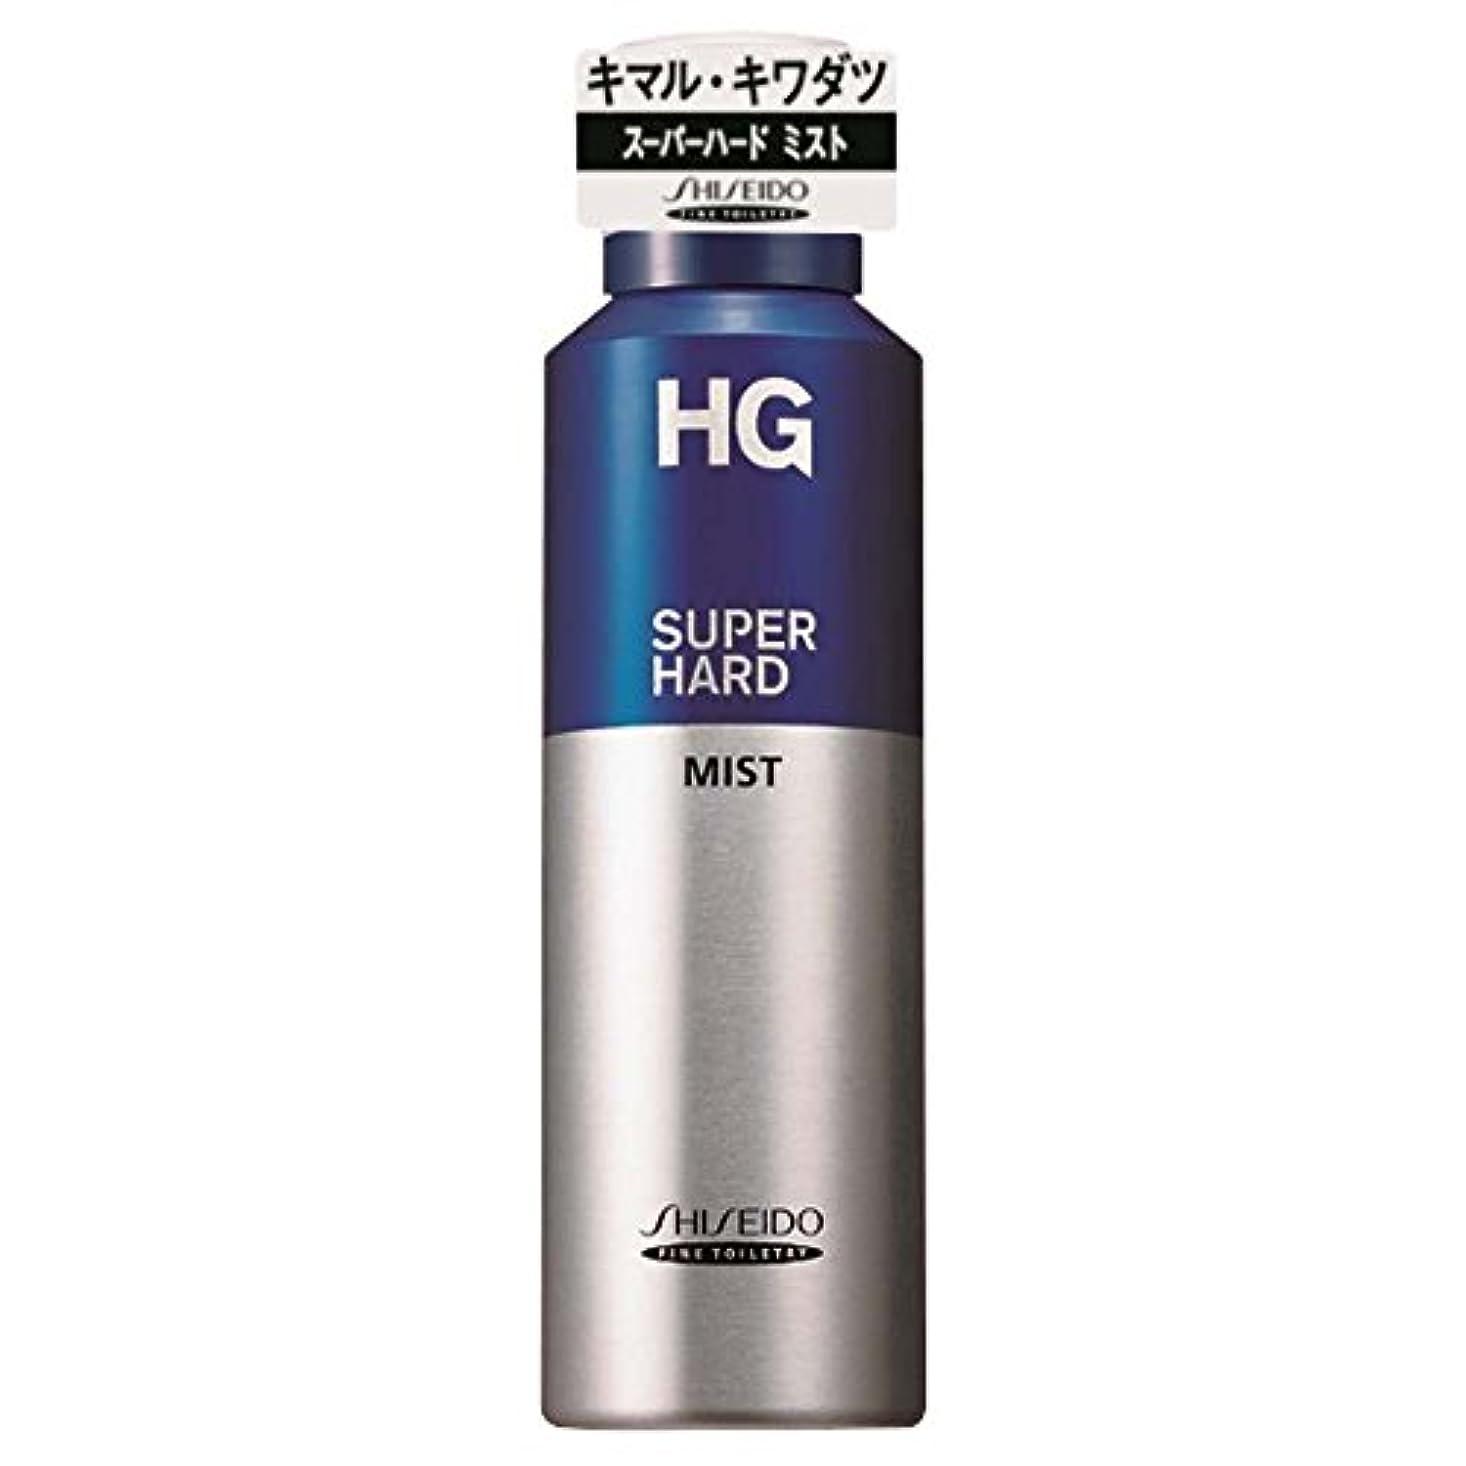 常識弾丸添加剤HG スーパーハードミストa 150g